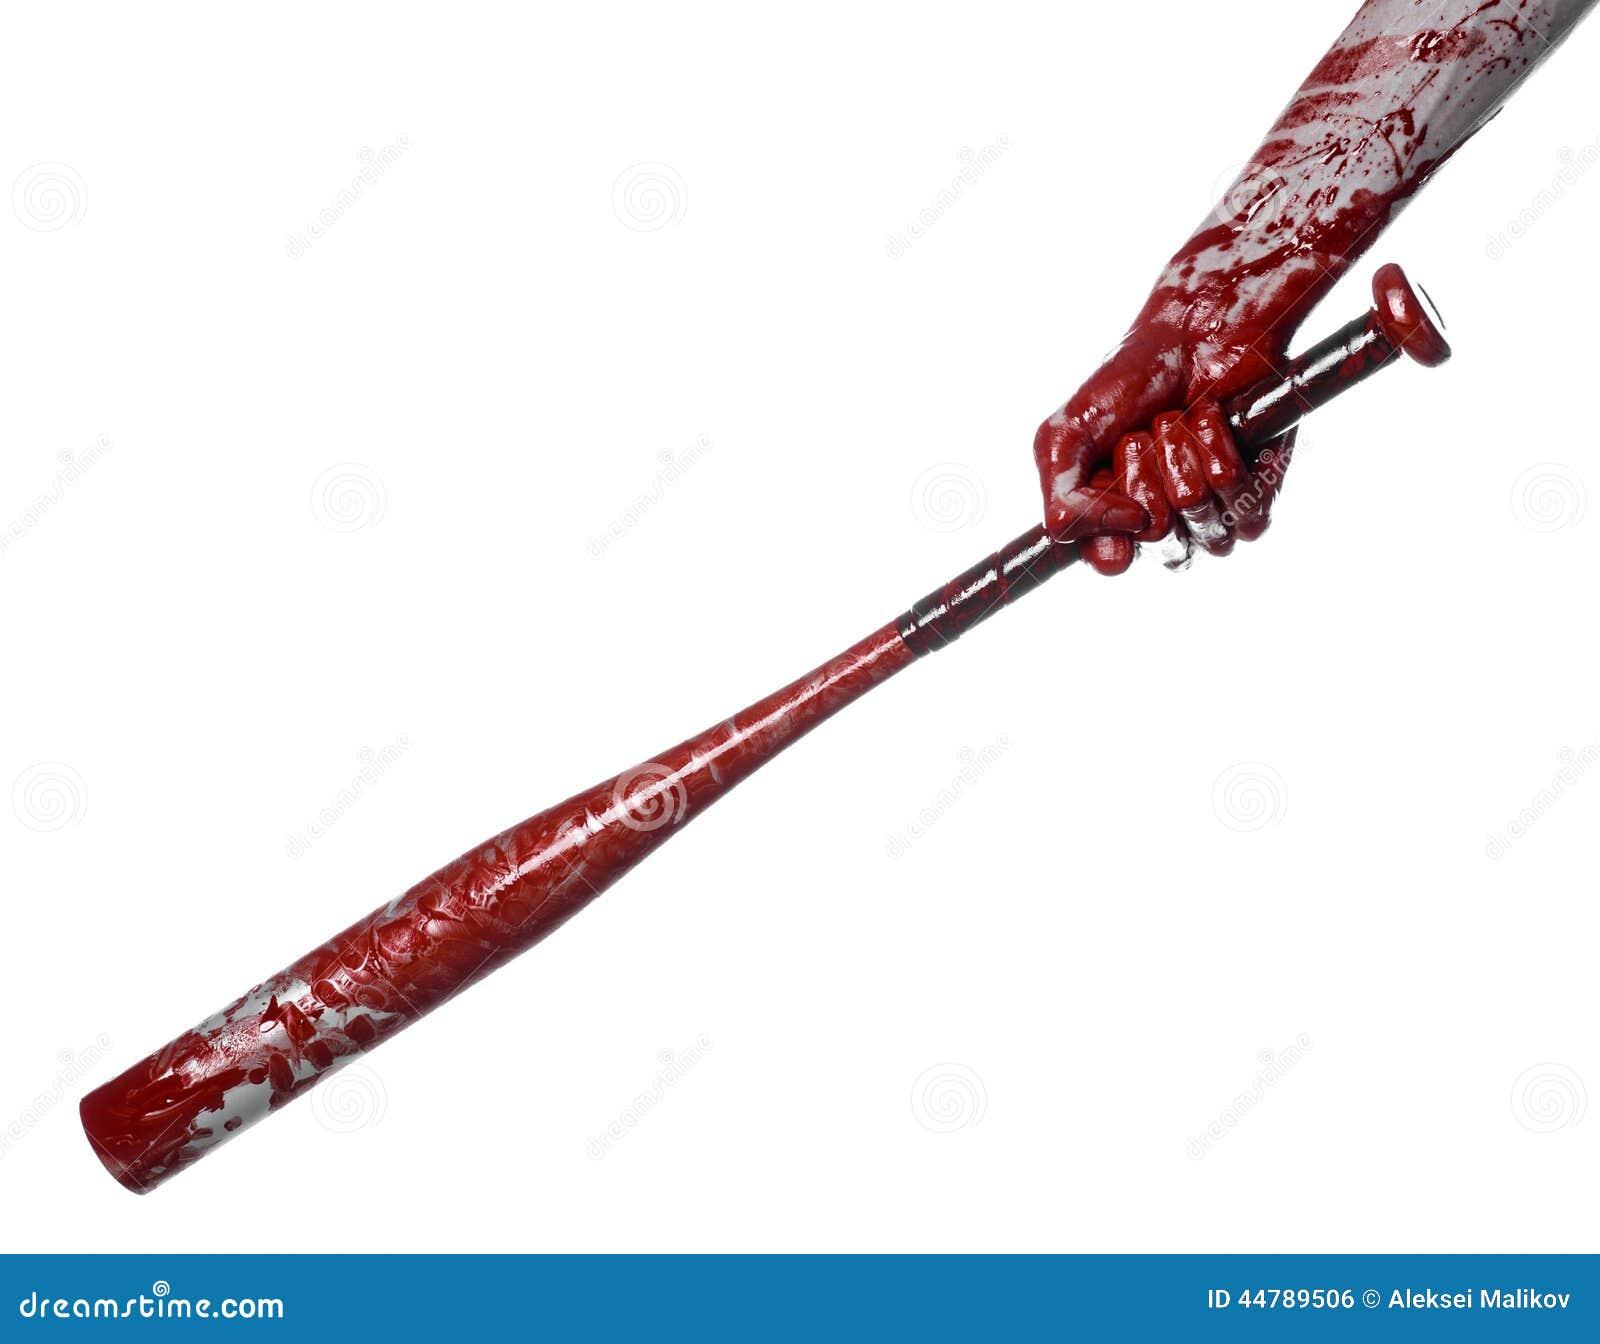 Architektur M Bel blutige die einen baseballschläger einen blutigen baseballschläger schläger blutsport